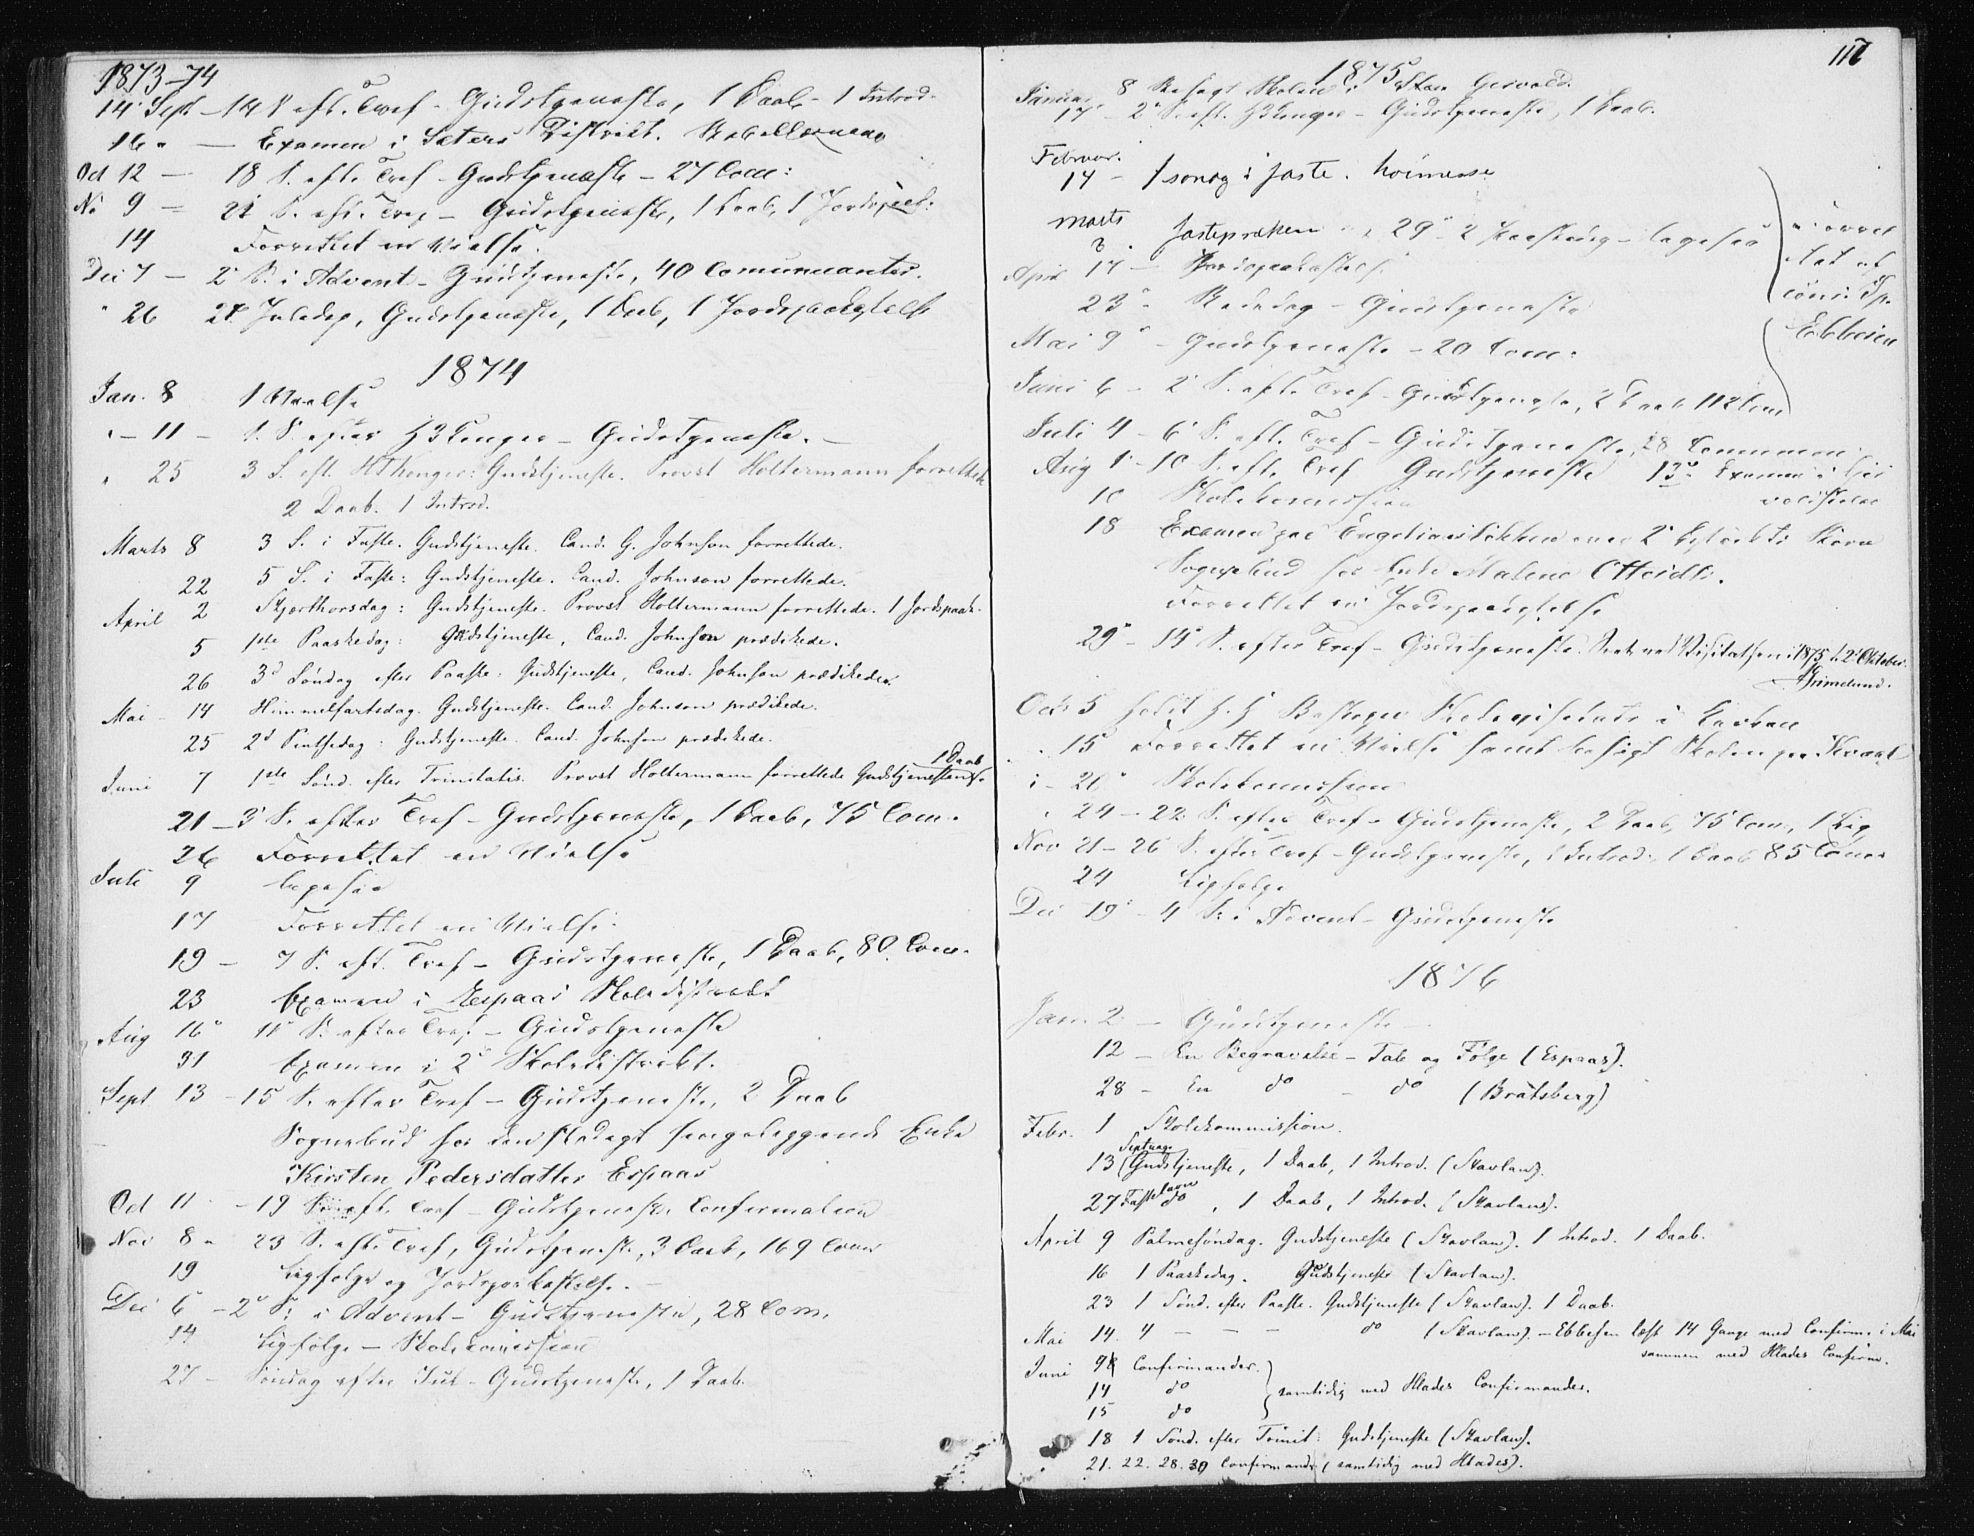 SAT, Ministerialprotokoller, klokkerbøker og fødselsregistre - Sør-Trøndelag, 608/L0333: Ministerialbok nr. 608A02, 1862-1876, s. 117